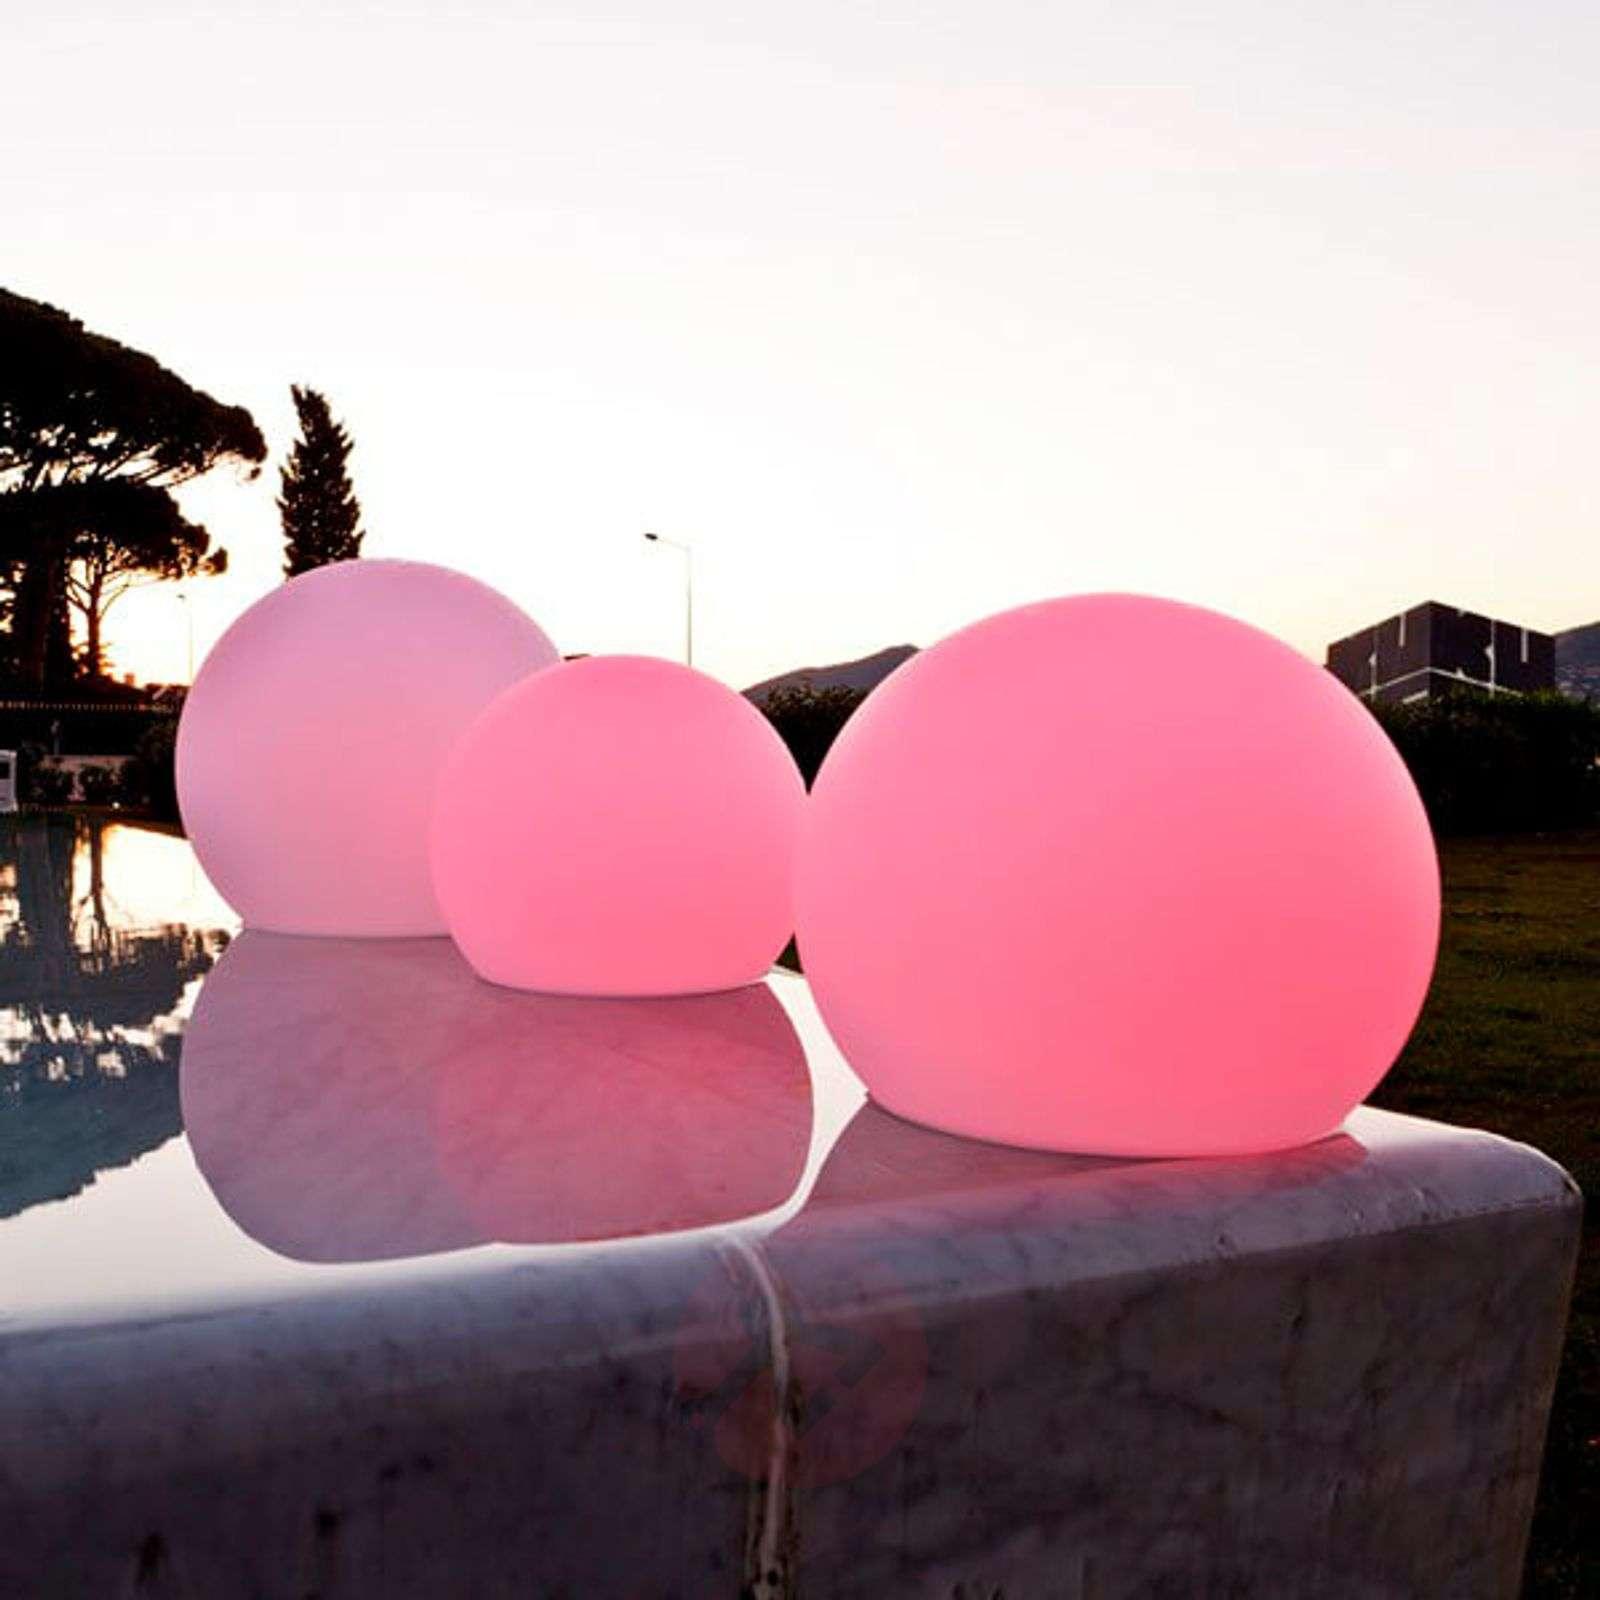 Globe buoyant LED decorative lamp-8590018-01